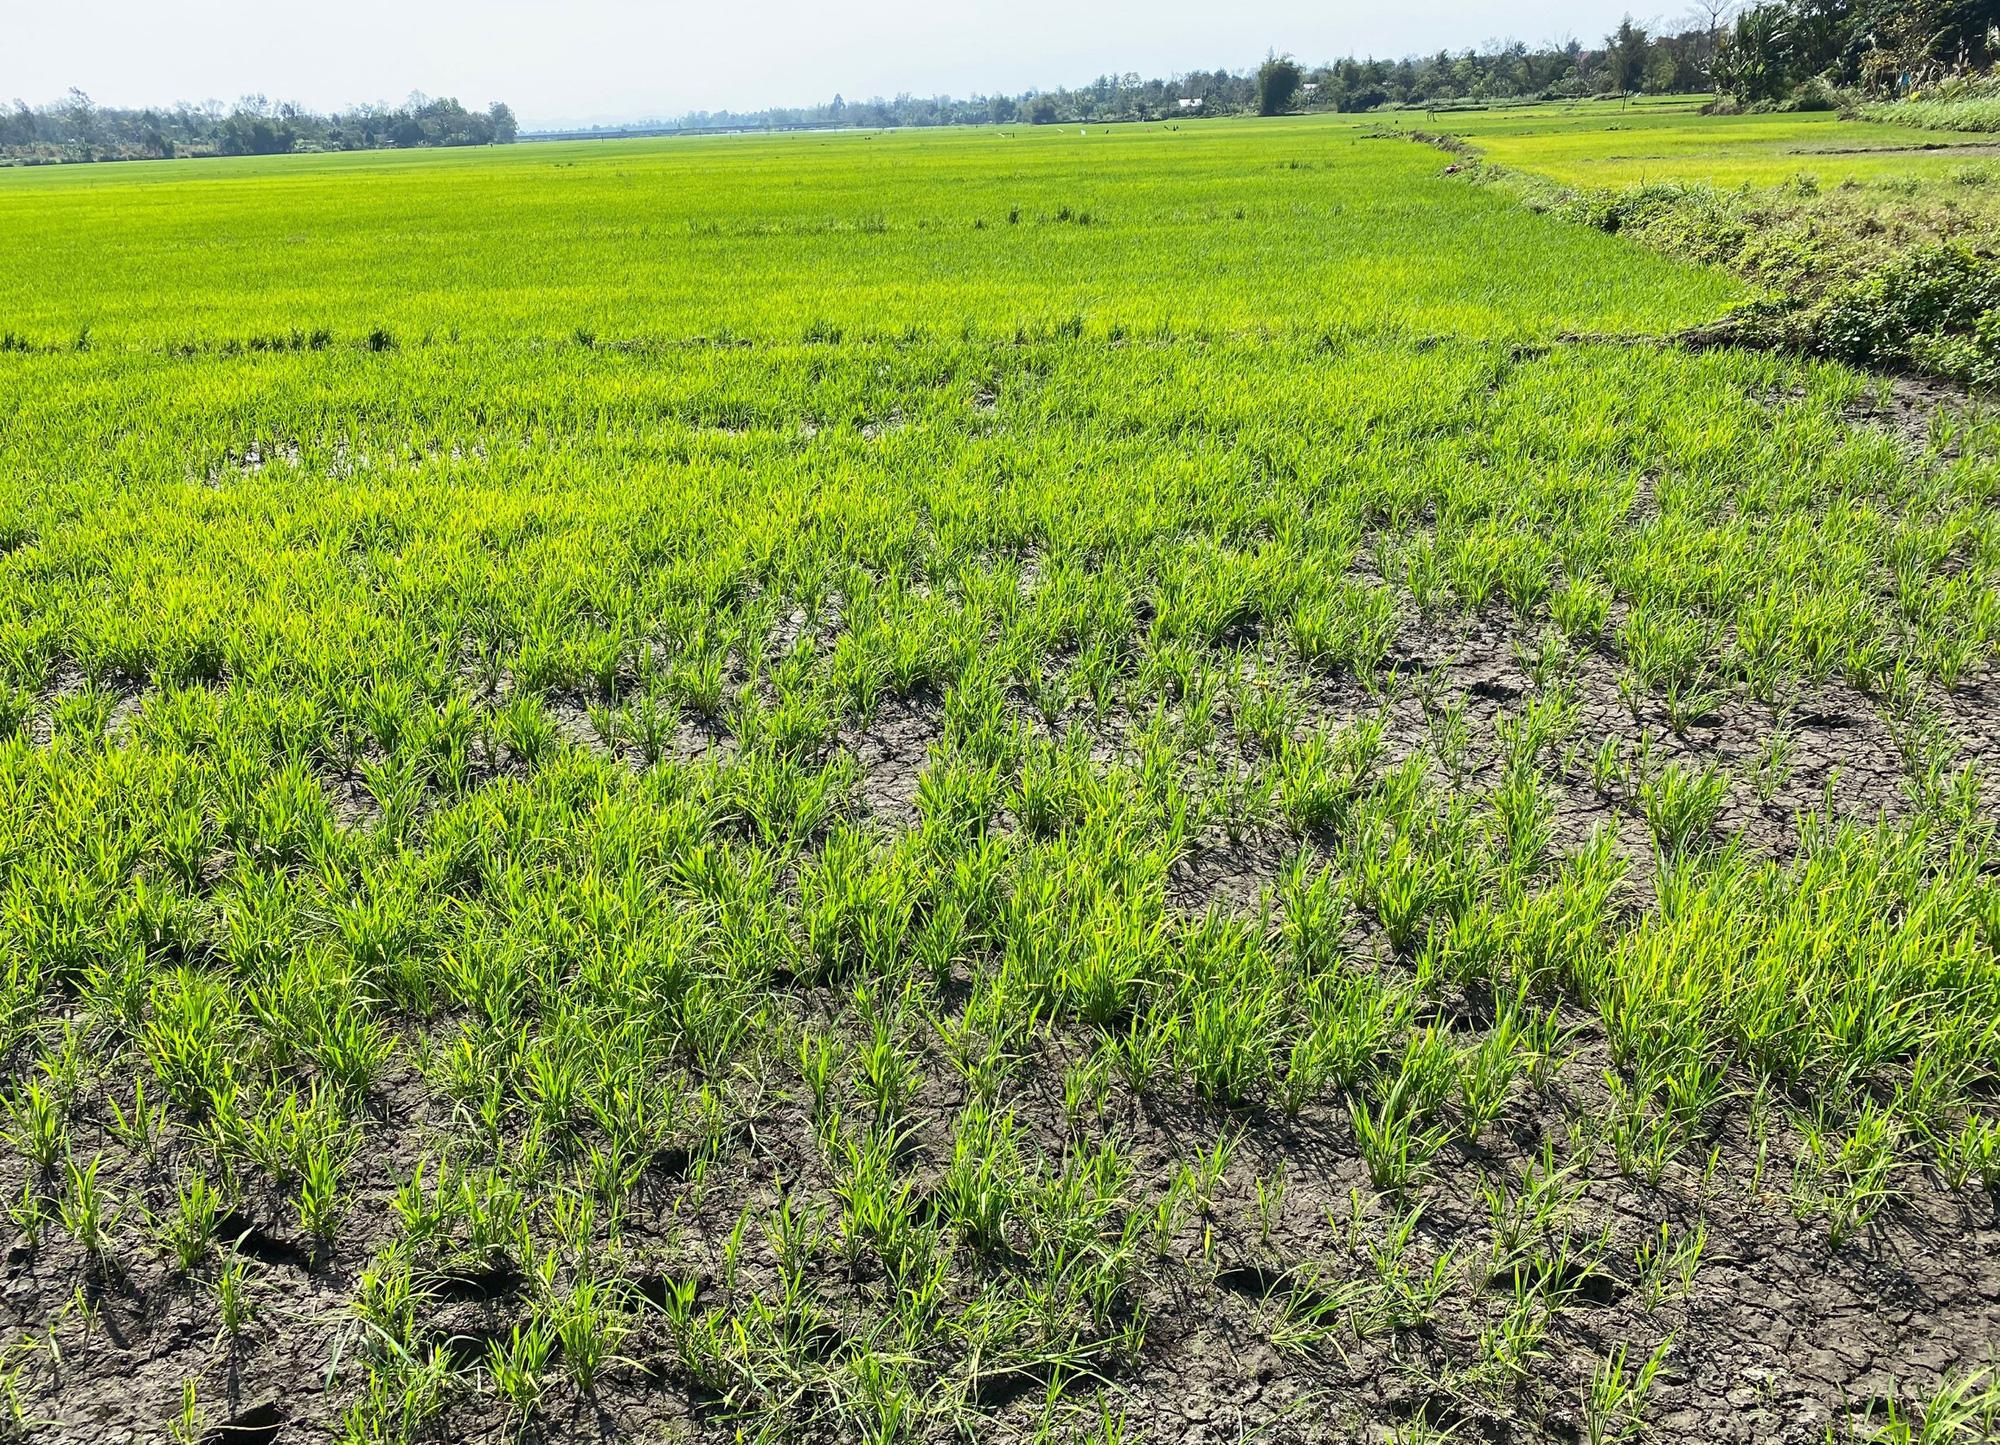 Đắk Lắk: Huyện quyết làm kênh dẫn thấp hơn mặt ruộng rồi… bỏ hoang - Ảnh 2.